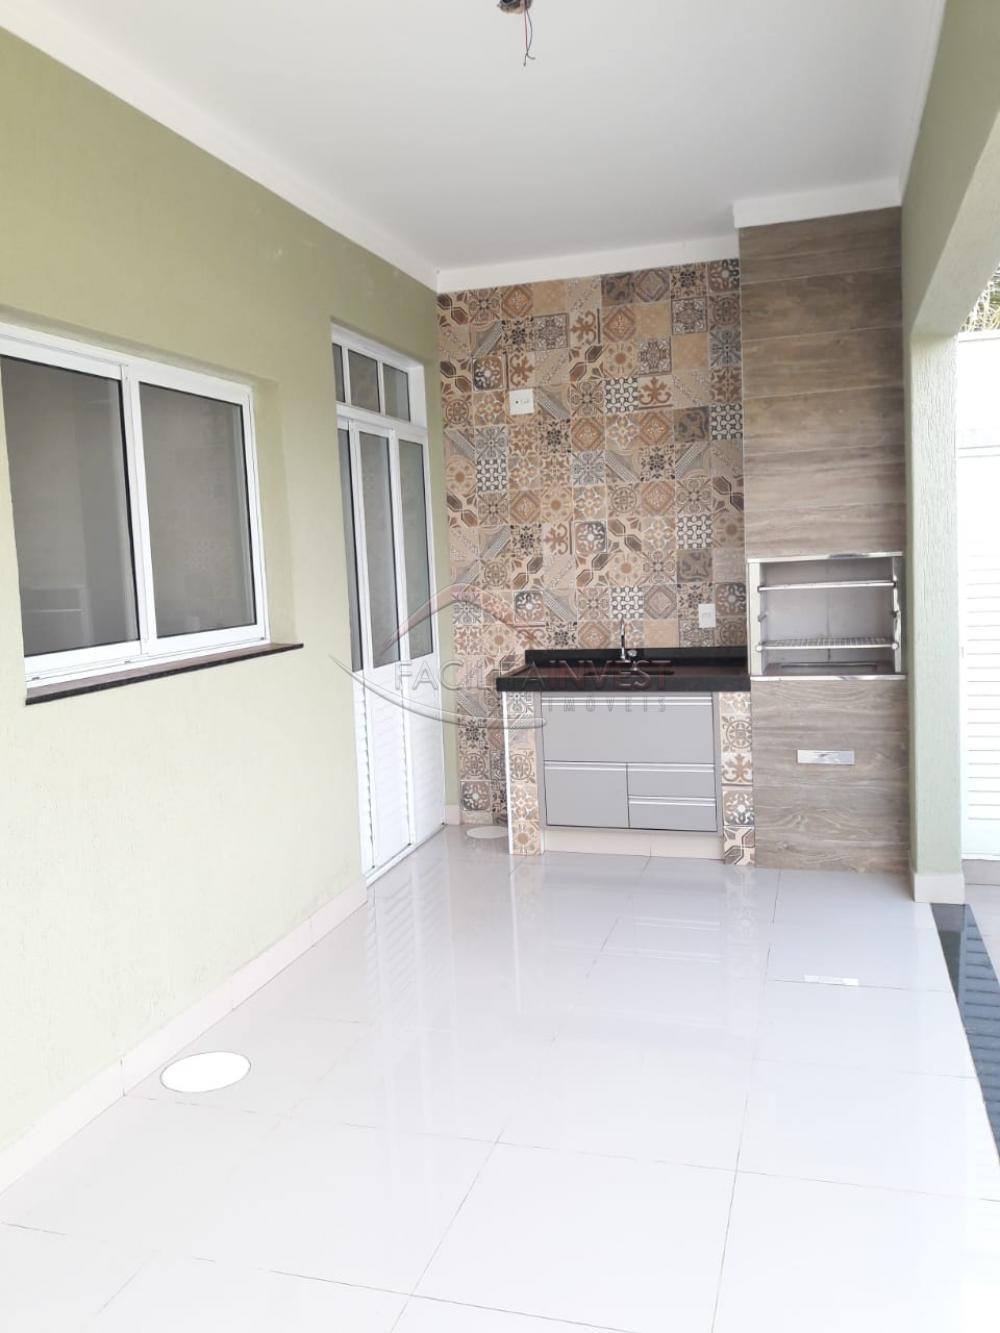 Comprar Casa Condomínio / Casa Condomínio em Ribeirão Preto apenas R$ 550.000,00 - Foto 9